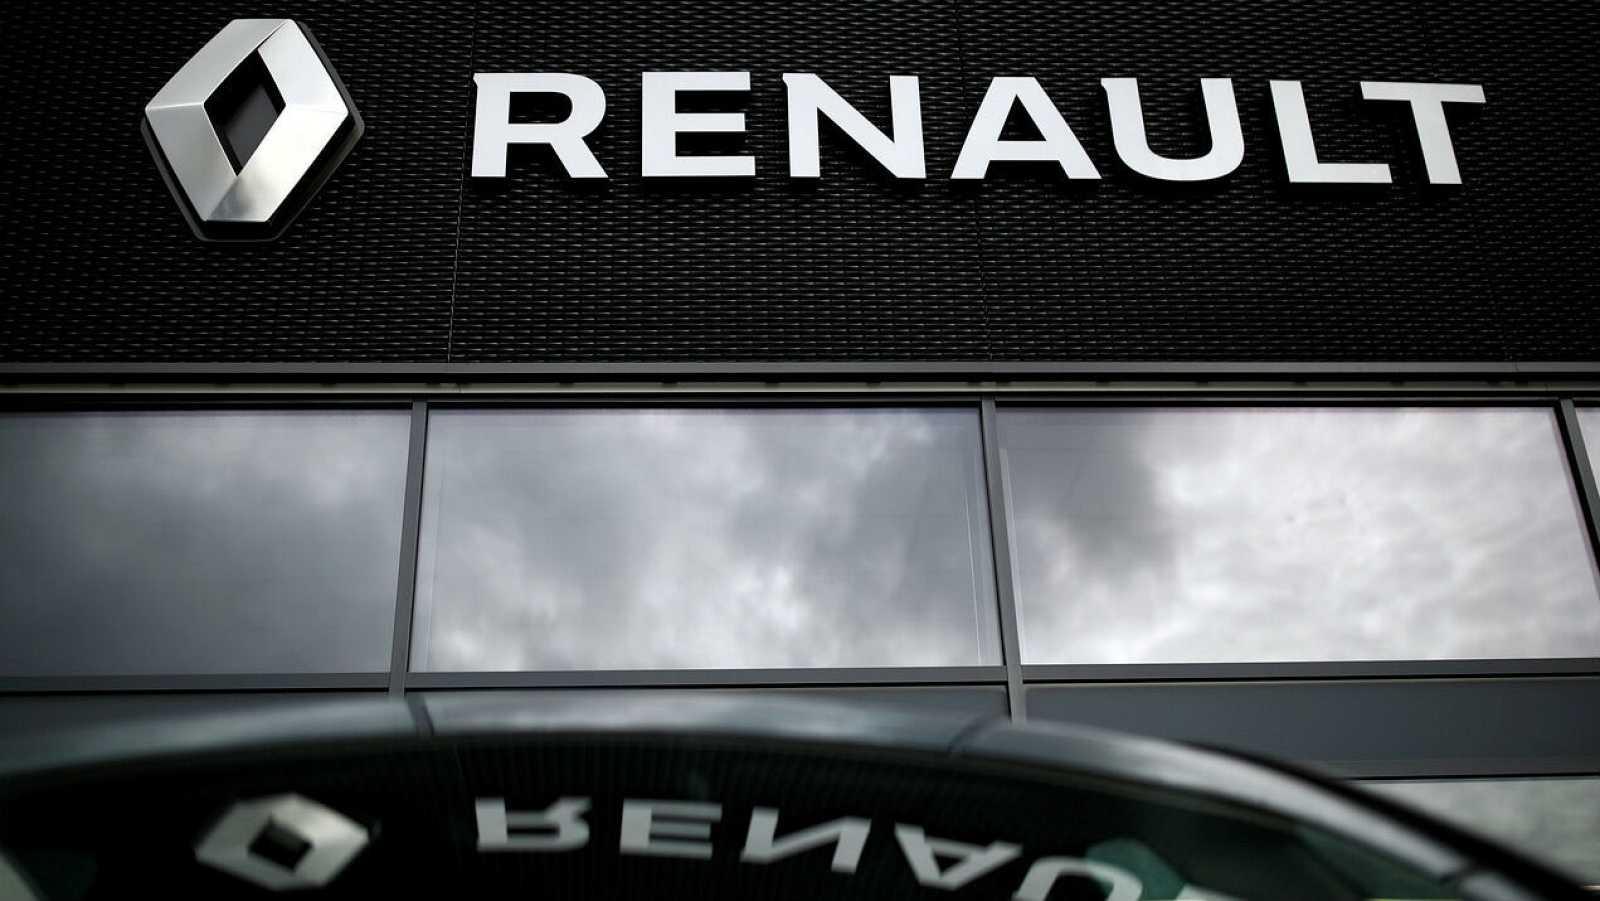 El logotipo del fabricante de automóviles Renault se muestra en un concesionario en Orvault, cerca de Nantes, Francia.